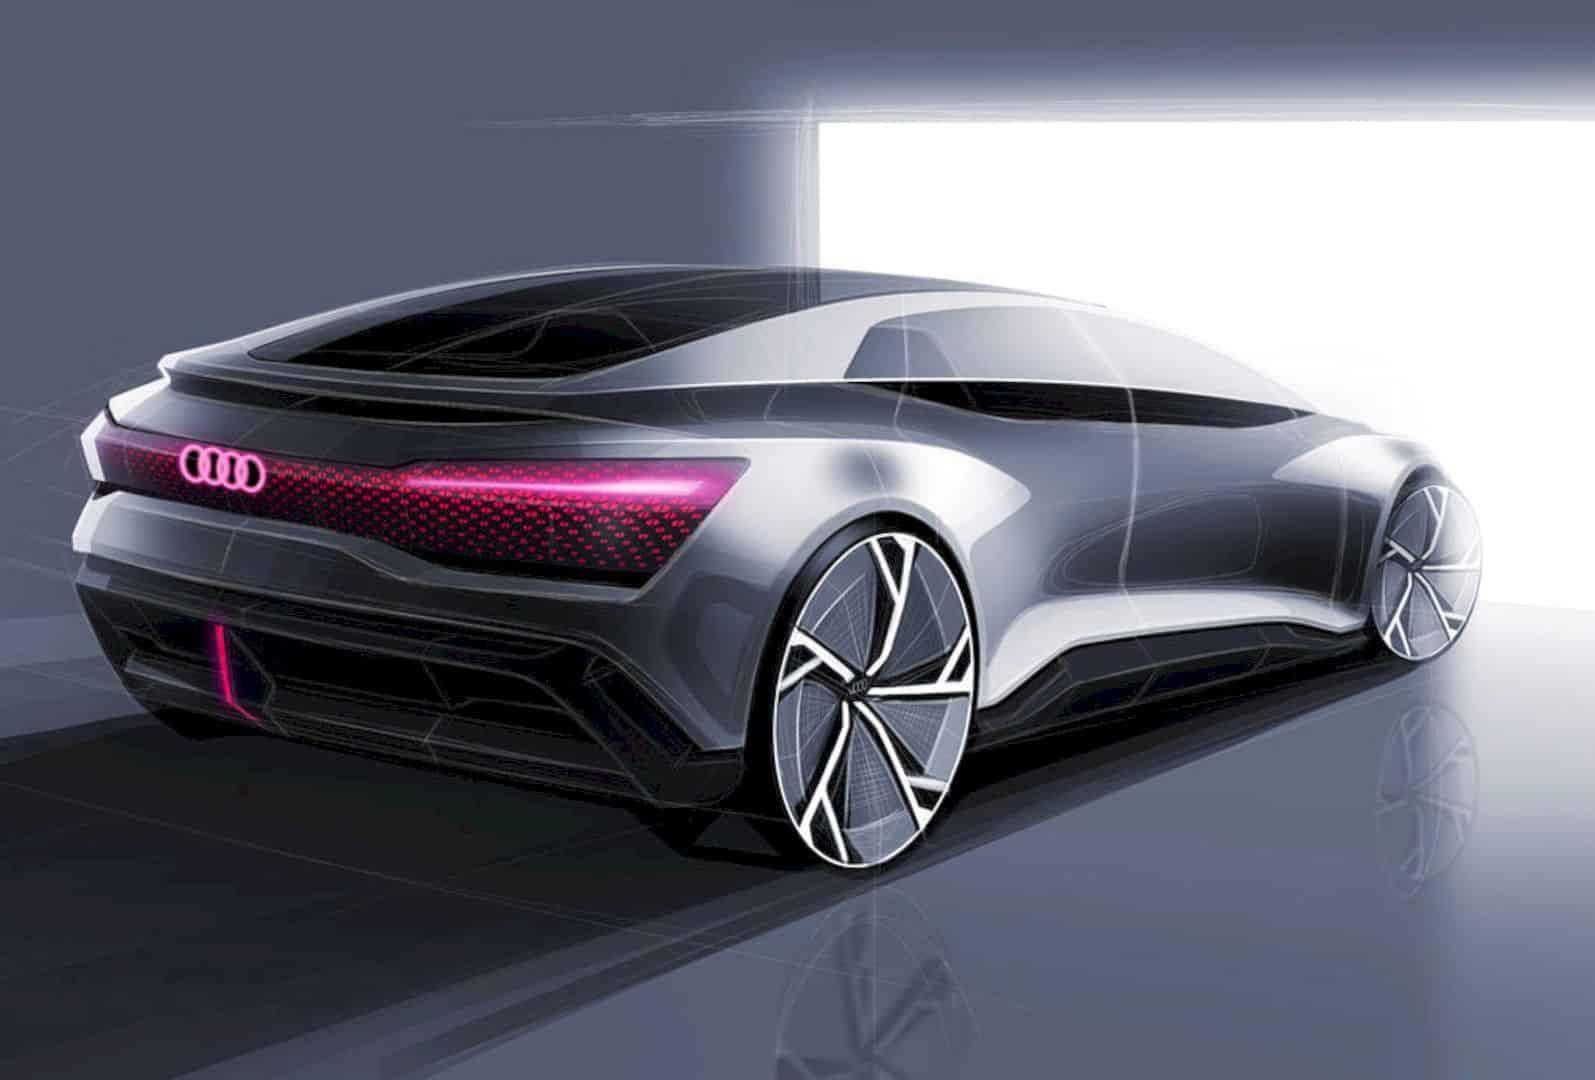 Audi Aicon Concept Car 5